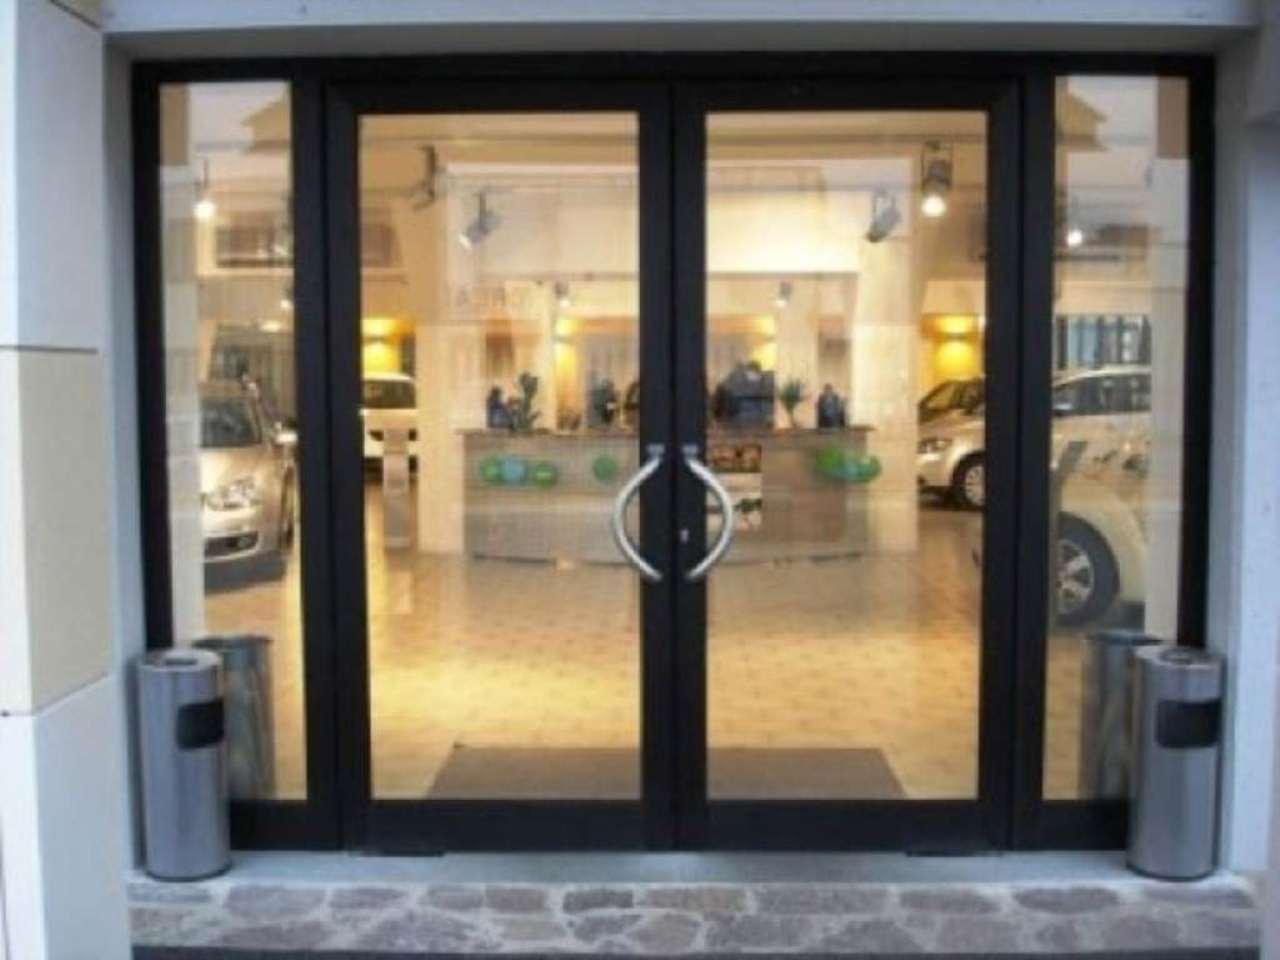 Negozio / Locale in affitto a Martellago, 1 locali, prezzo € 470 | Cambio Casa.it